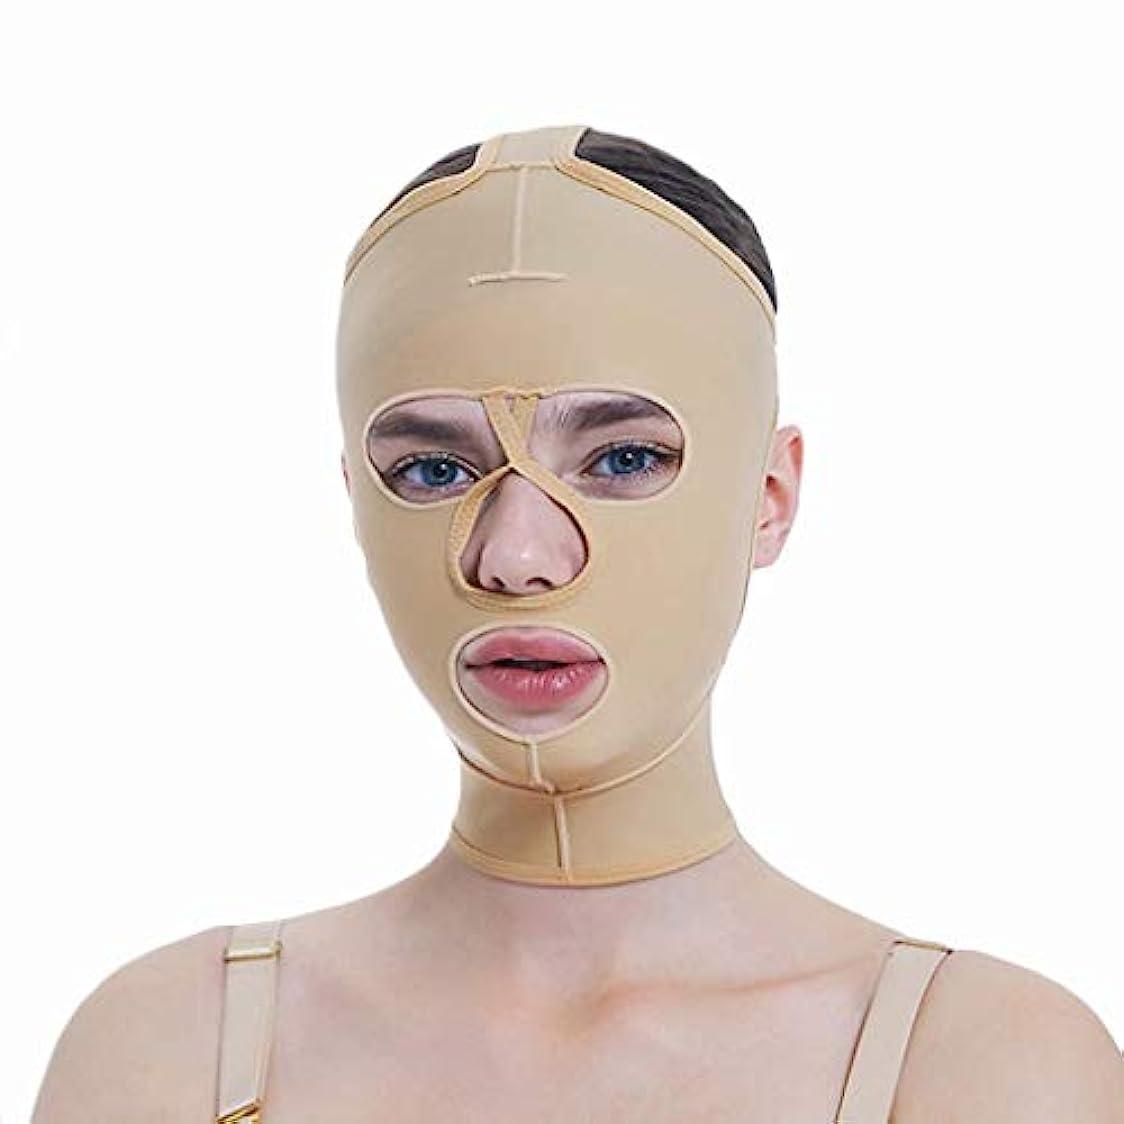 種交通宿フェイシャル減量マスク、フルカバレッジ包帯、フルフェイスリフティングマスク、フェイスマスク、快適で リフティングシェーピング(サイズ:S),ザ?